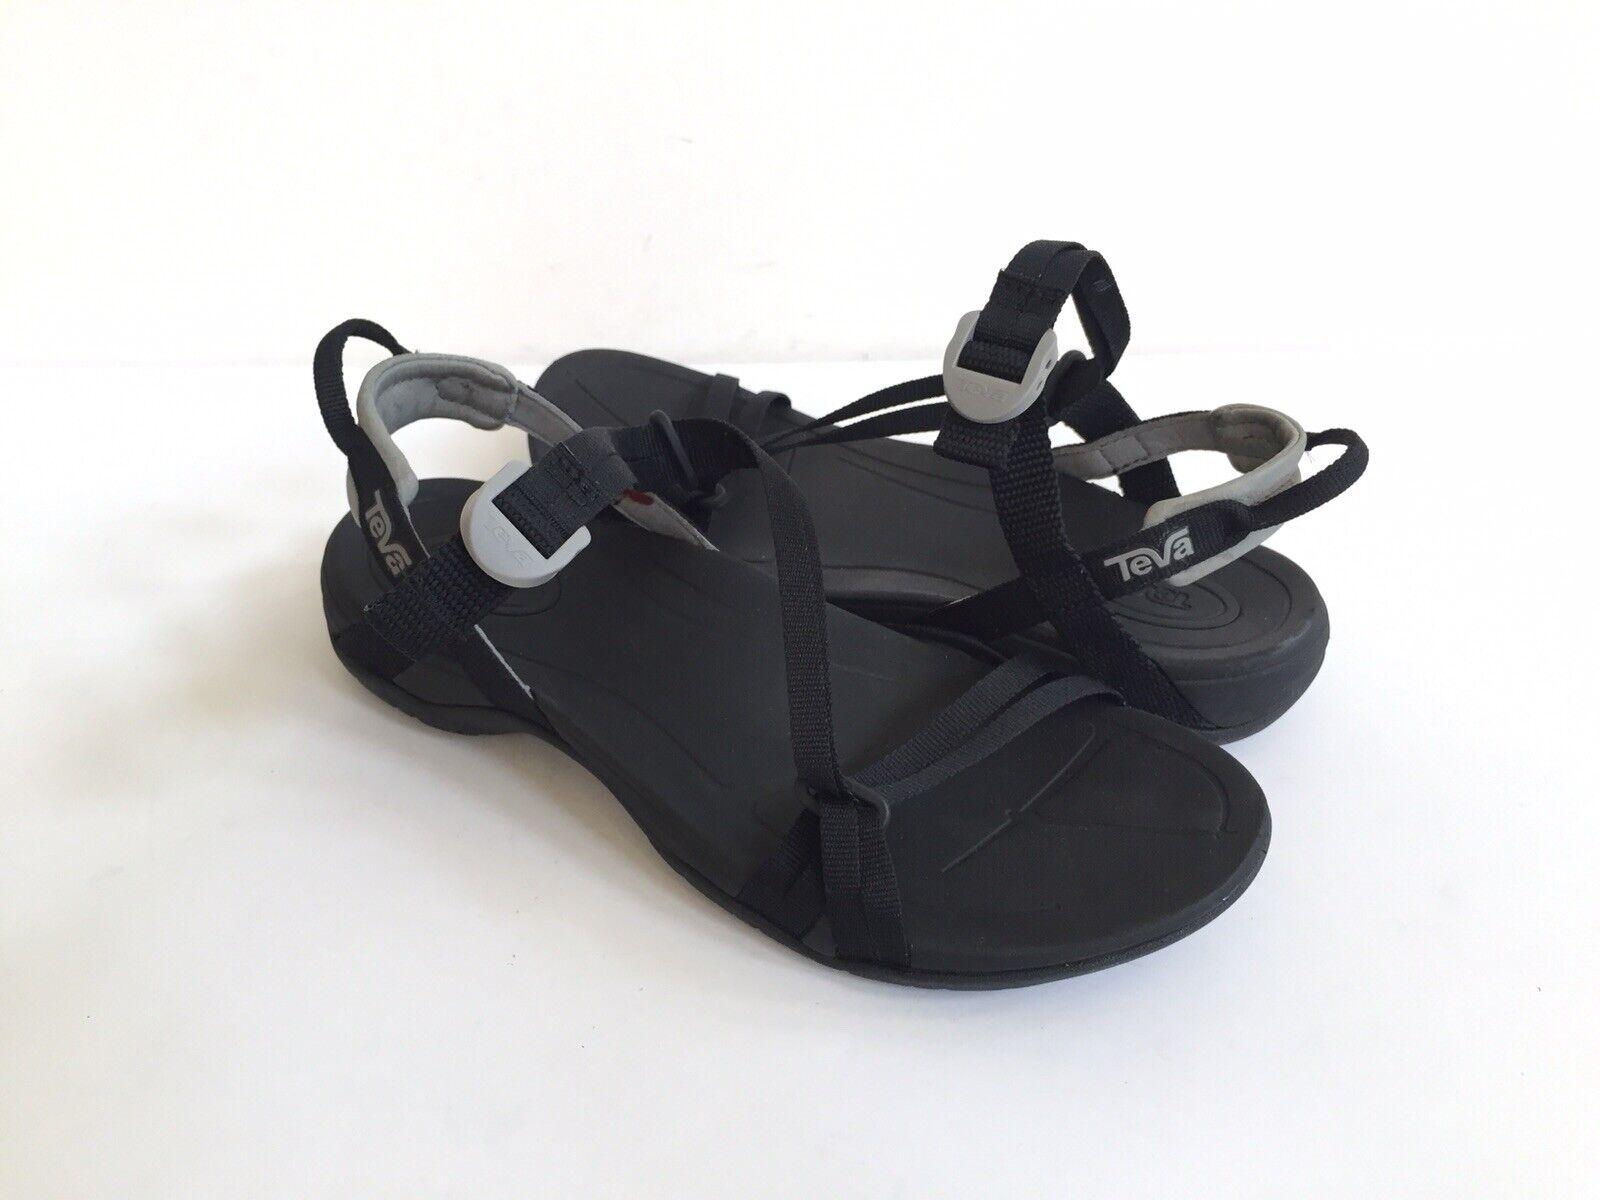 Teva femmes sirra noir Sandales US 9 eu 40 UK 7-New in Box